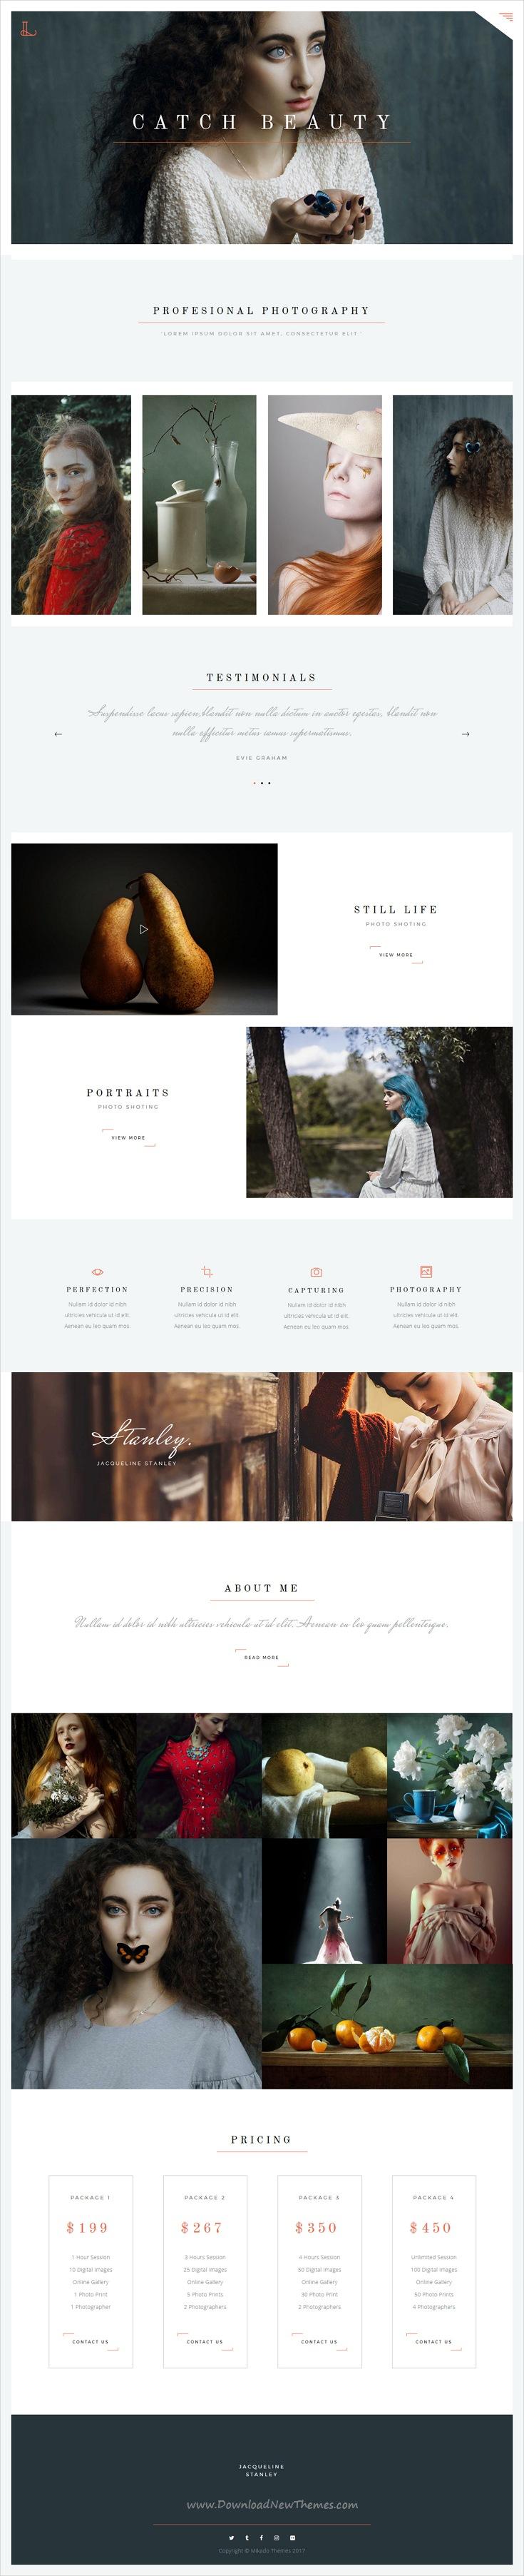 Siena - Aesthetic Photography Portfolio Theme for